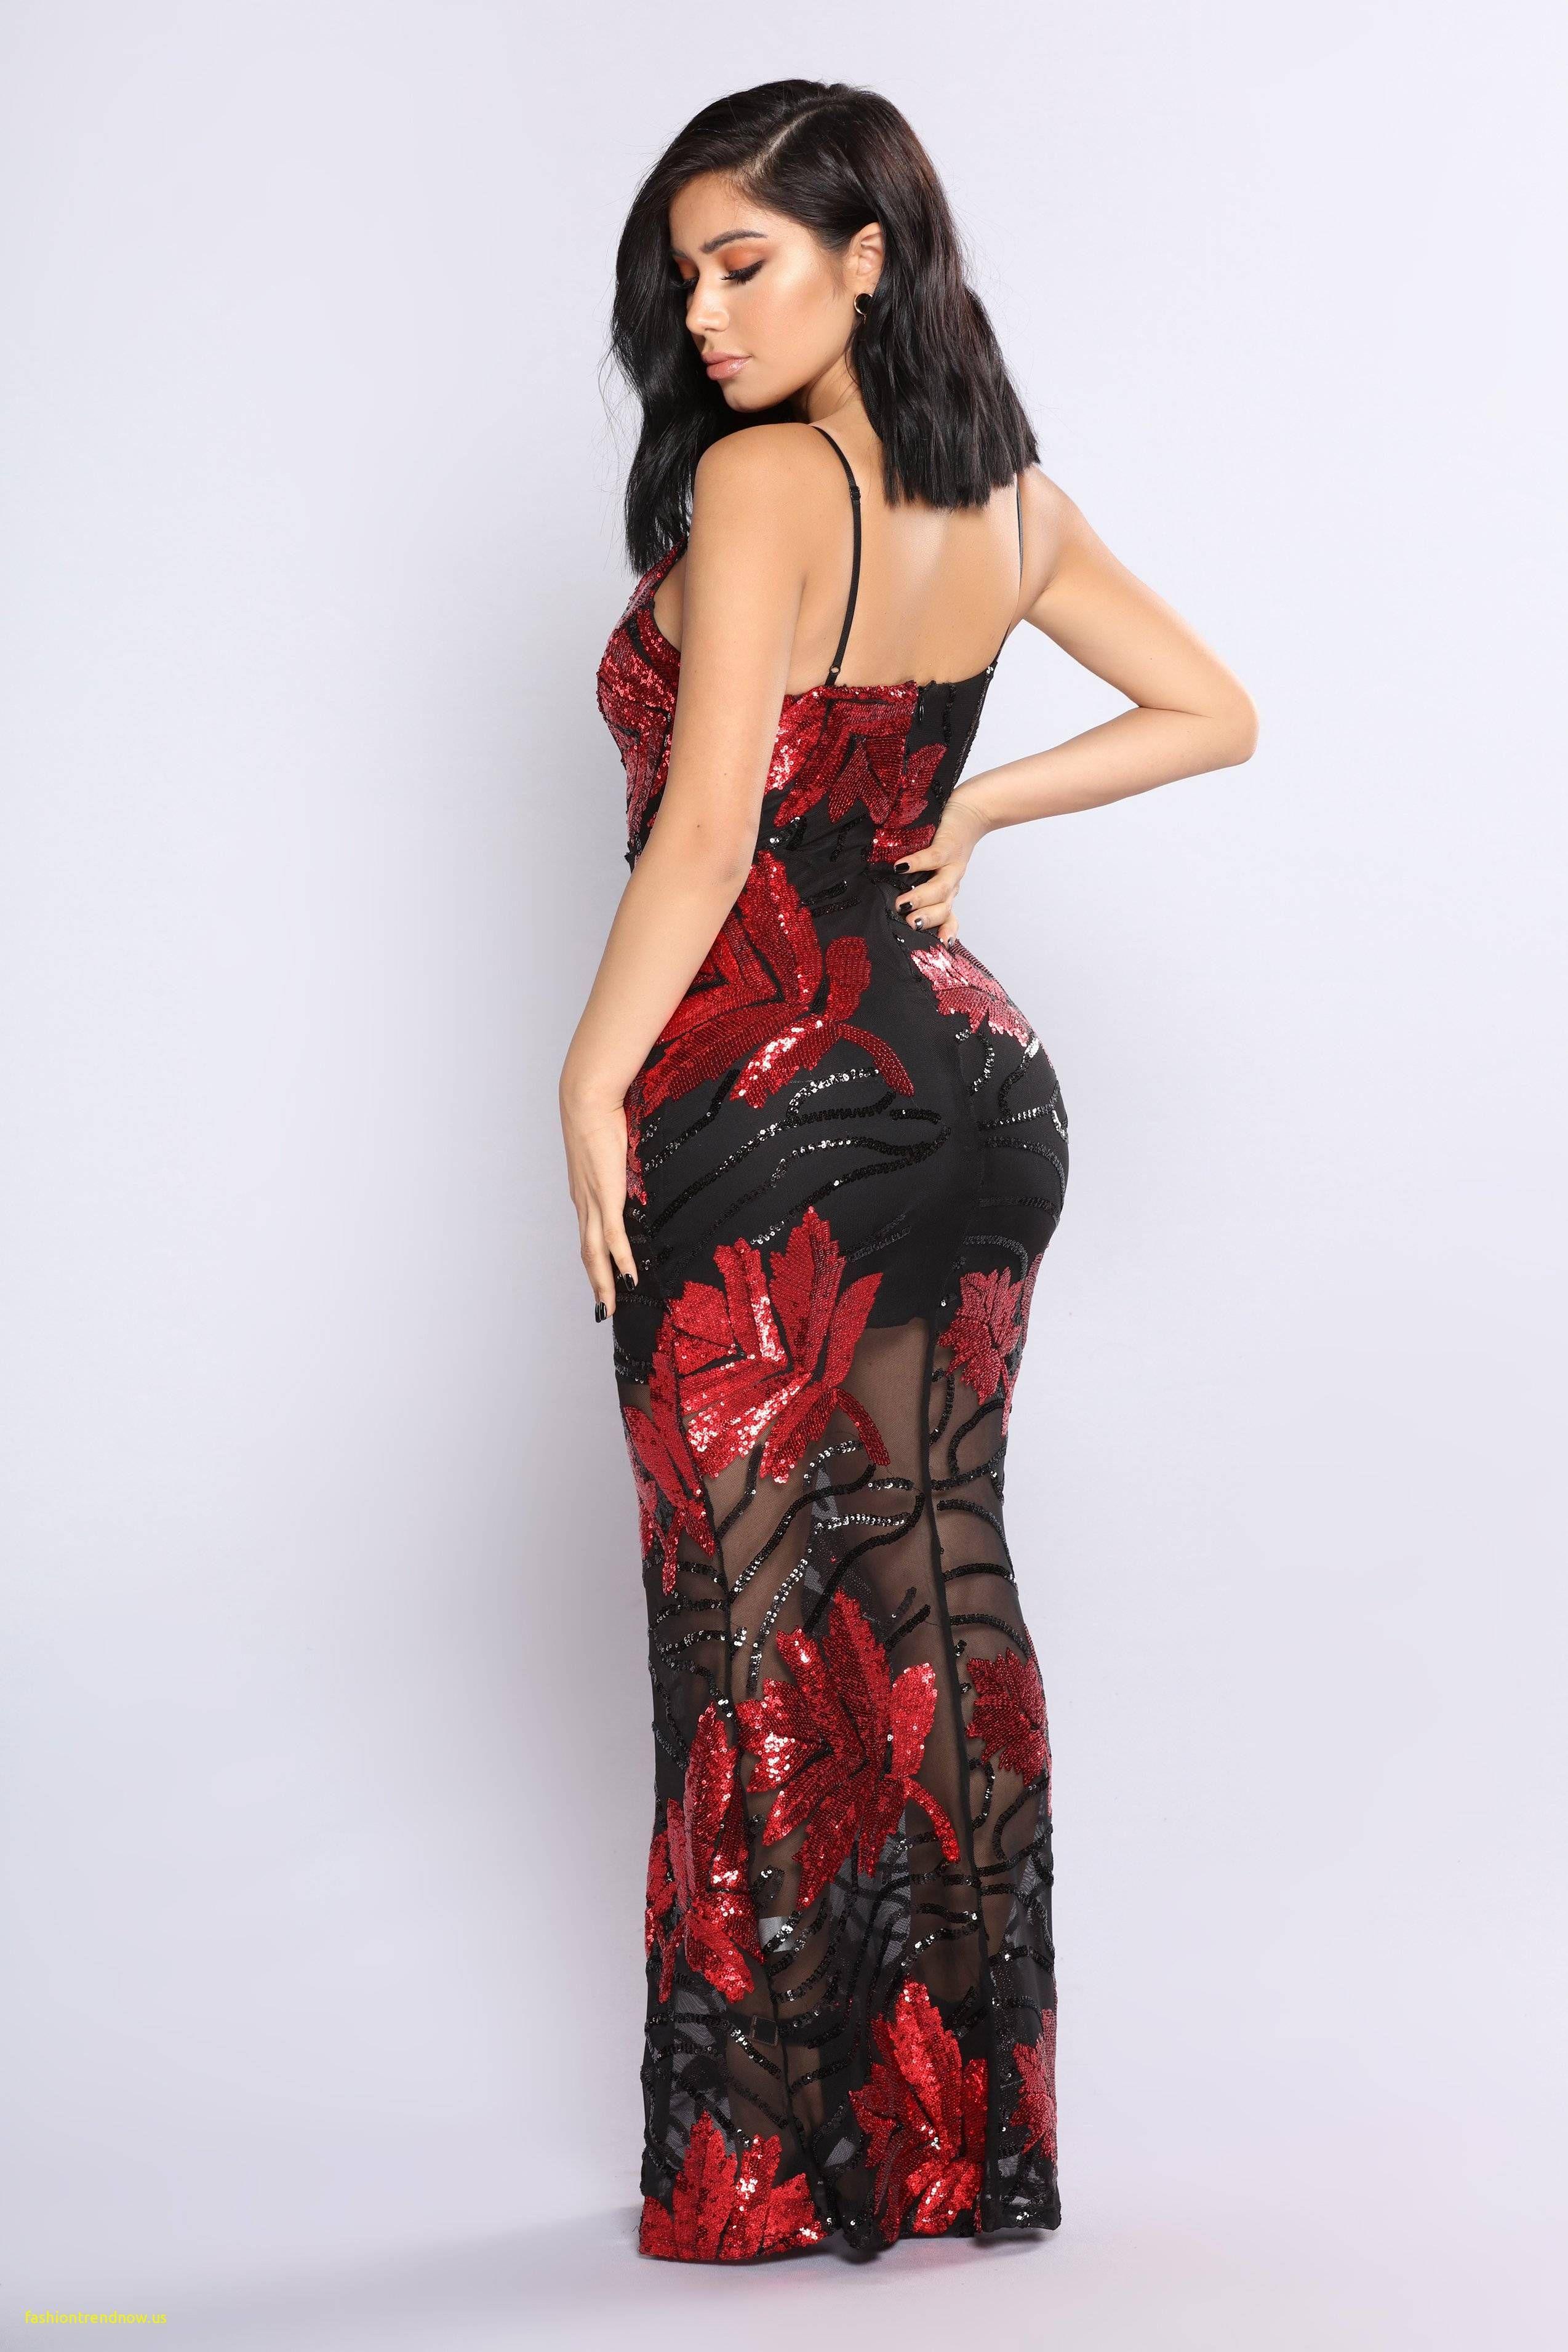 Chaney Sequin Midi Dress Black Mulheres Bonitas, Vestido De Festa, Roupas,  Vestido De 0bb80a1ea3d0